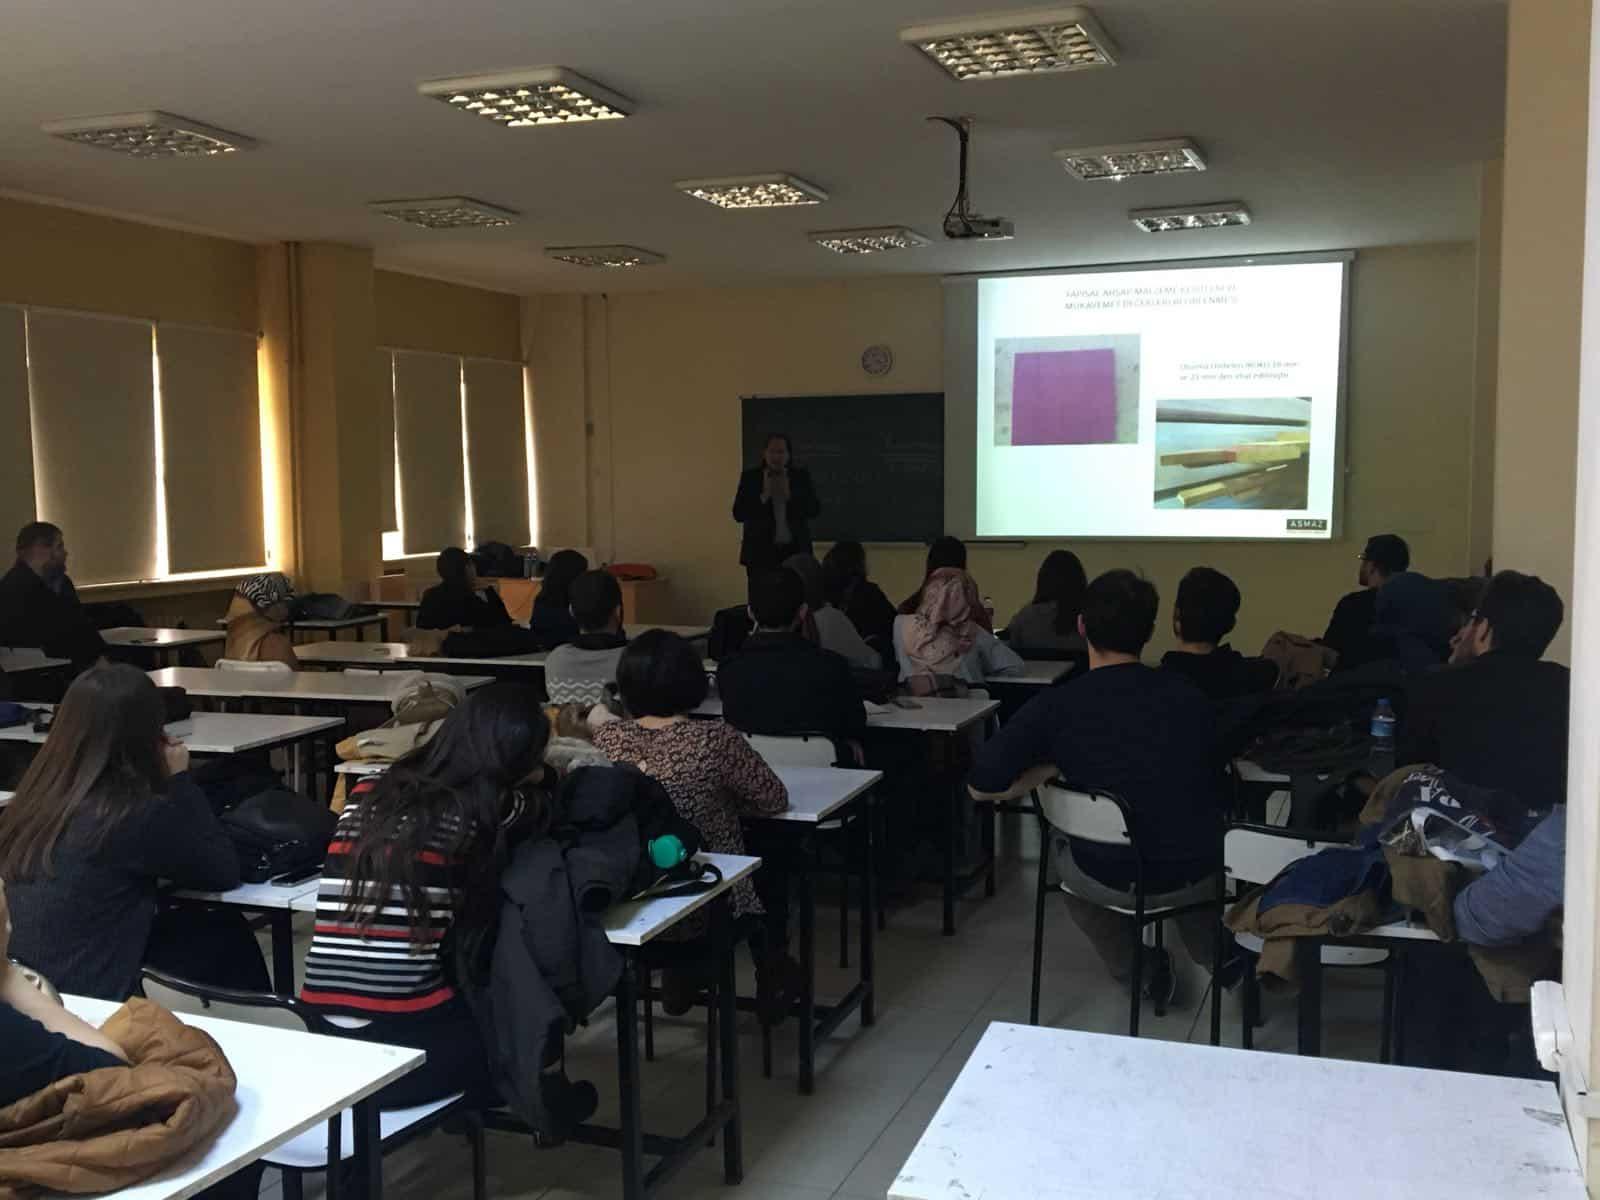 Kocaeli Üniversitesi Mimarlik Fakültesi Seminer